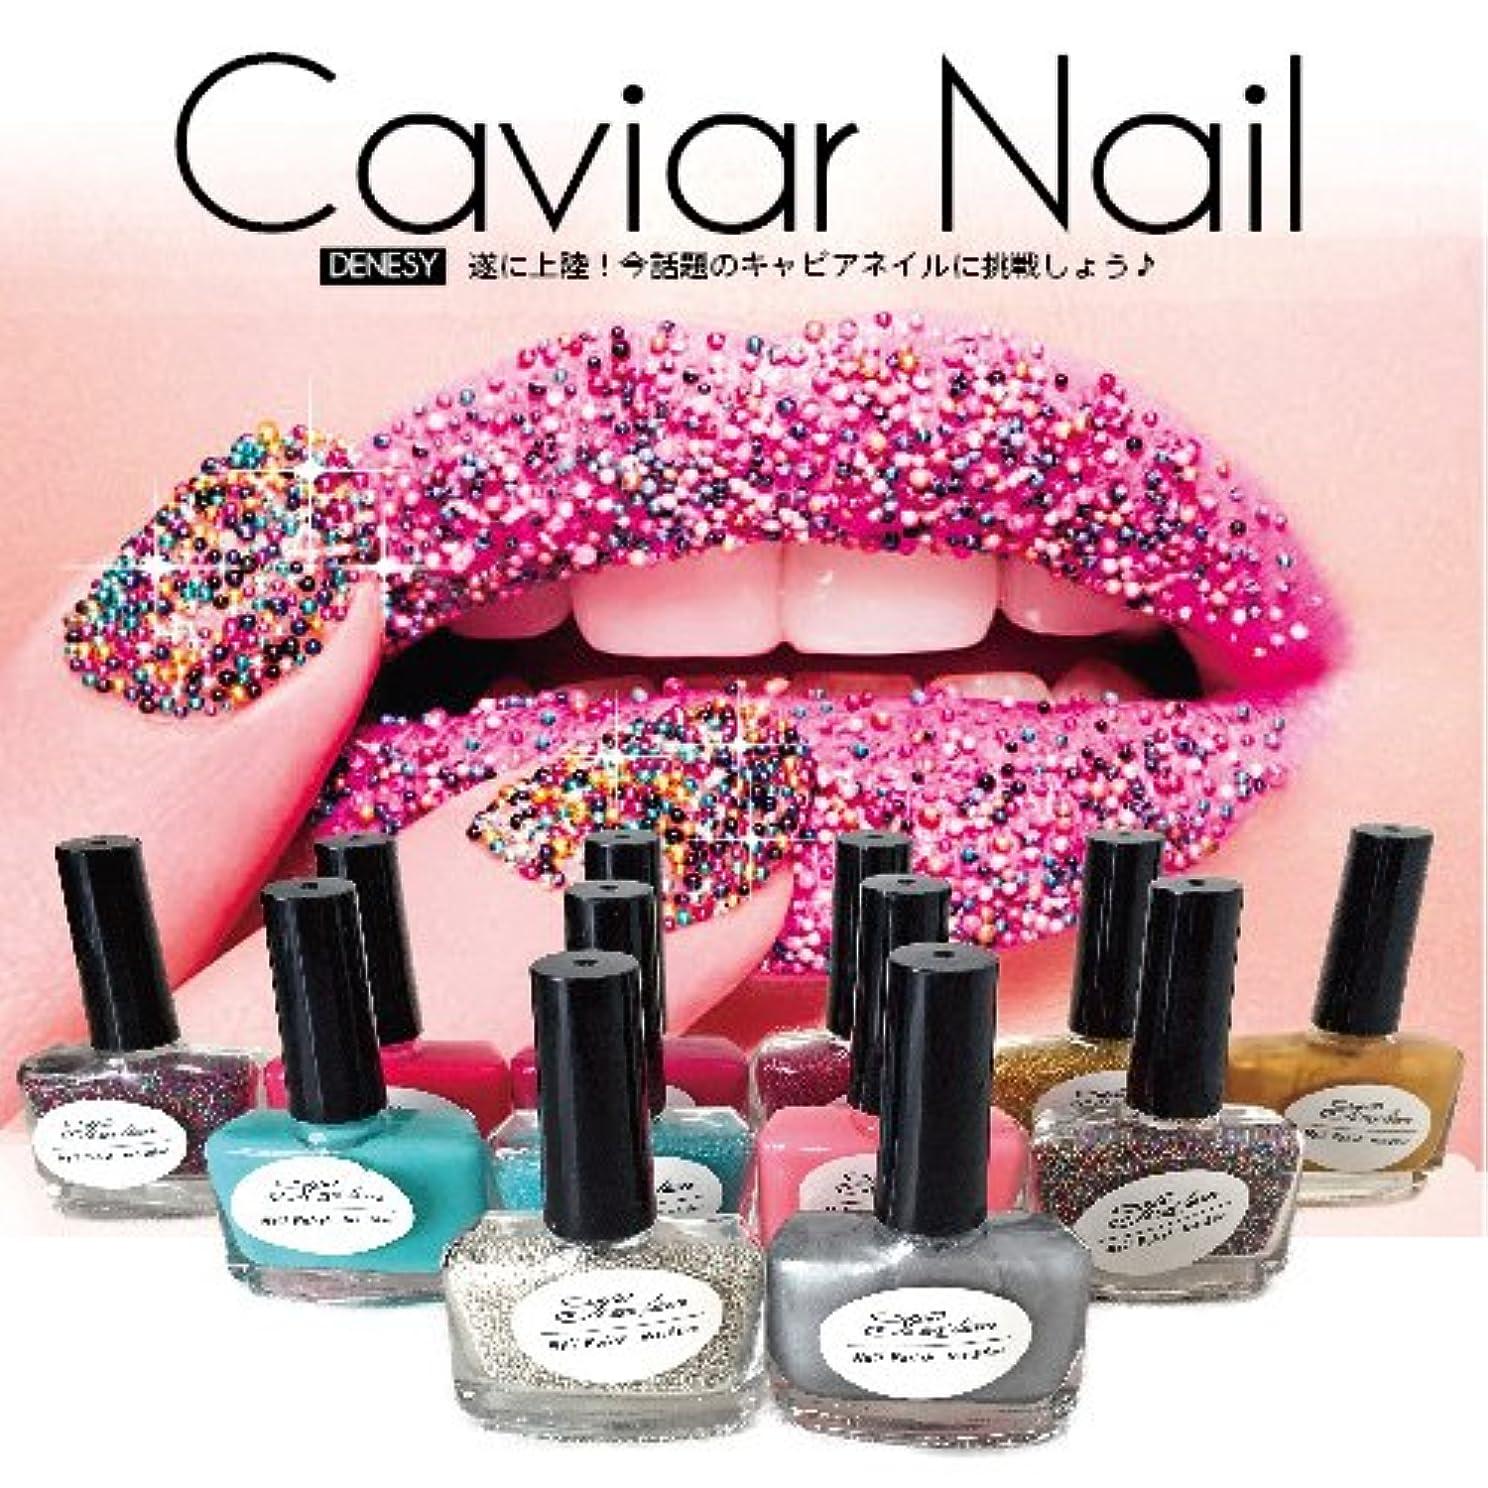 用心深いクルーズインシデントキャビアネイル DENESY Caviar Nail (3点セット)NEWリニューアル 08:グリーン [マニキュア ネイルカラー ネイルポリッシュ SHANTI Caviar Manicure kit]